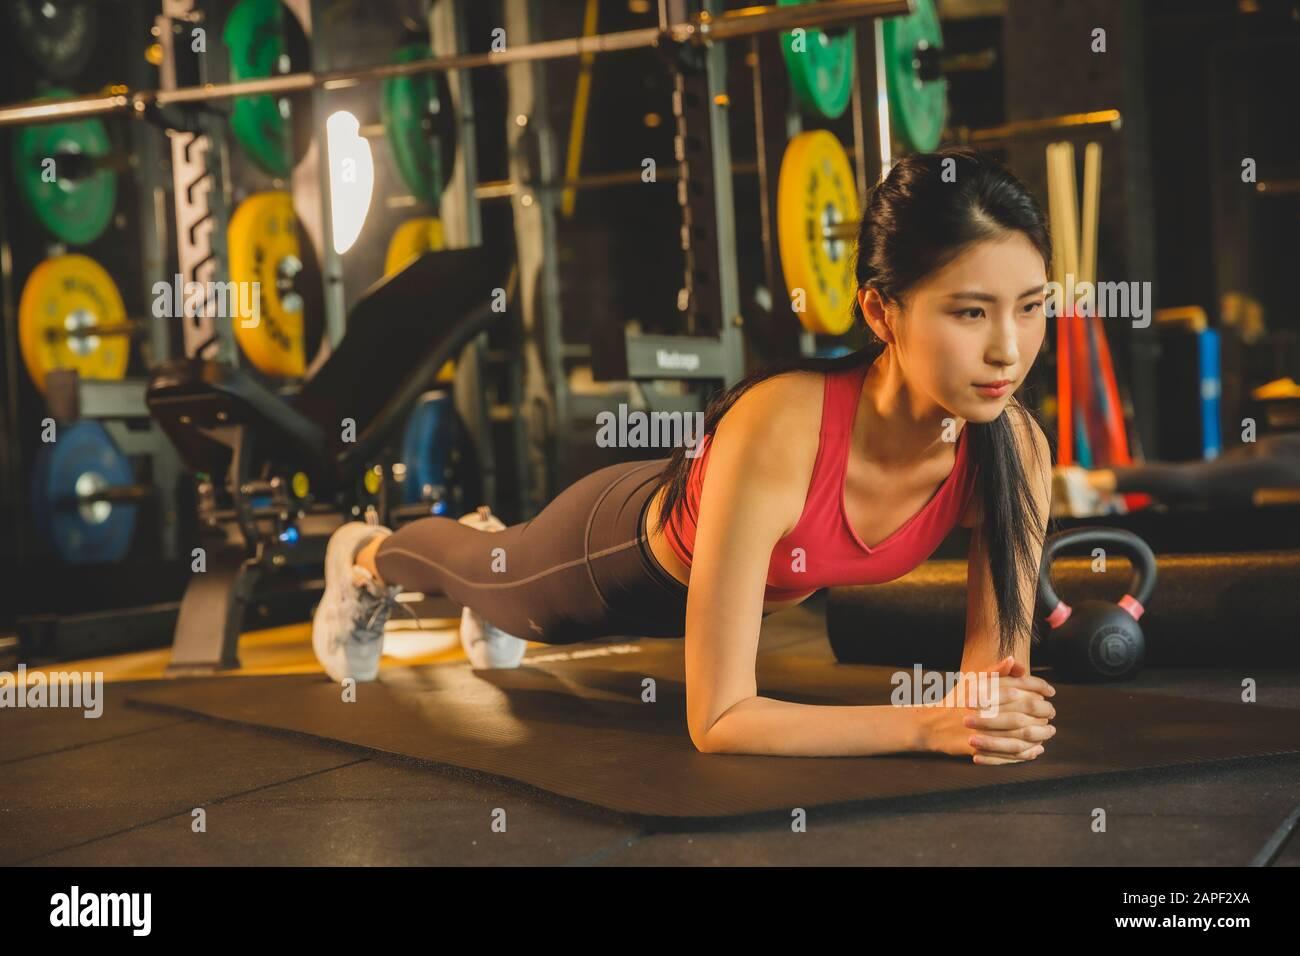 Esercizio maschile e femminile in palestra. Sport, fitness, sollevamento pesi e formazione Concept 084 Foto Stock